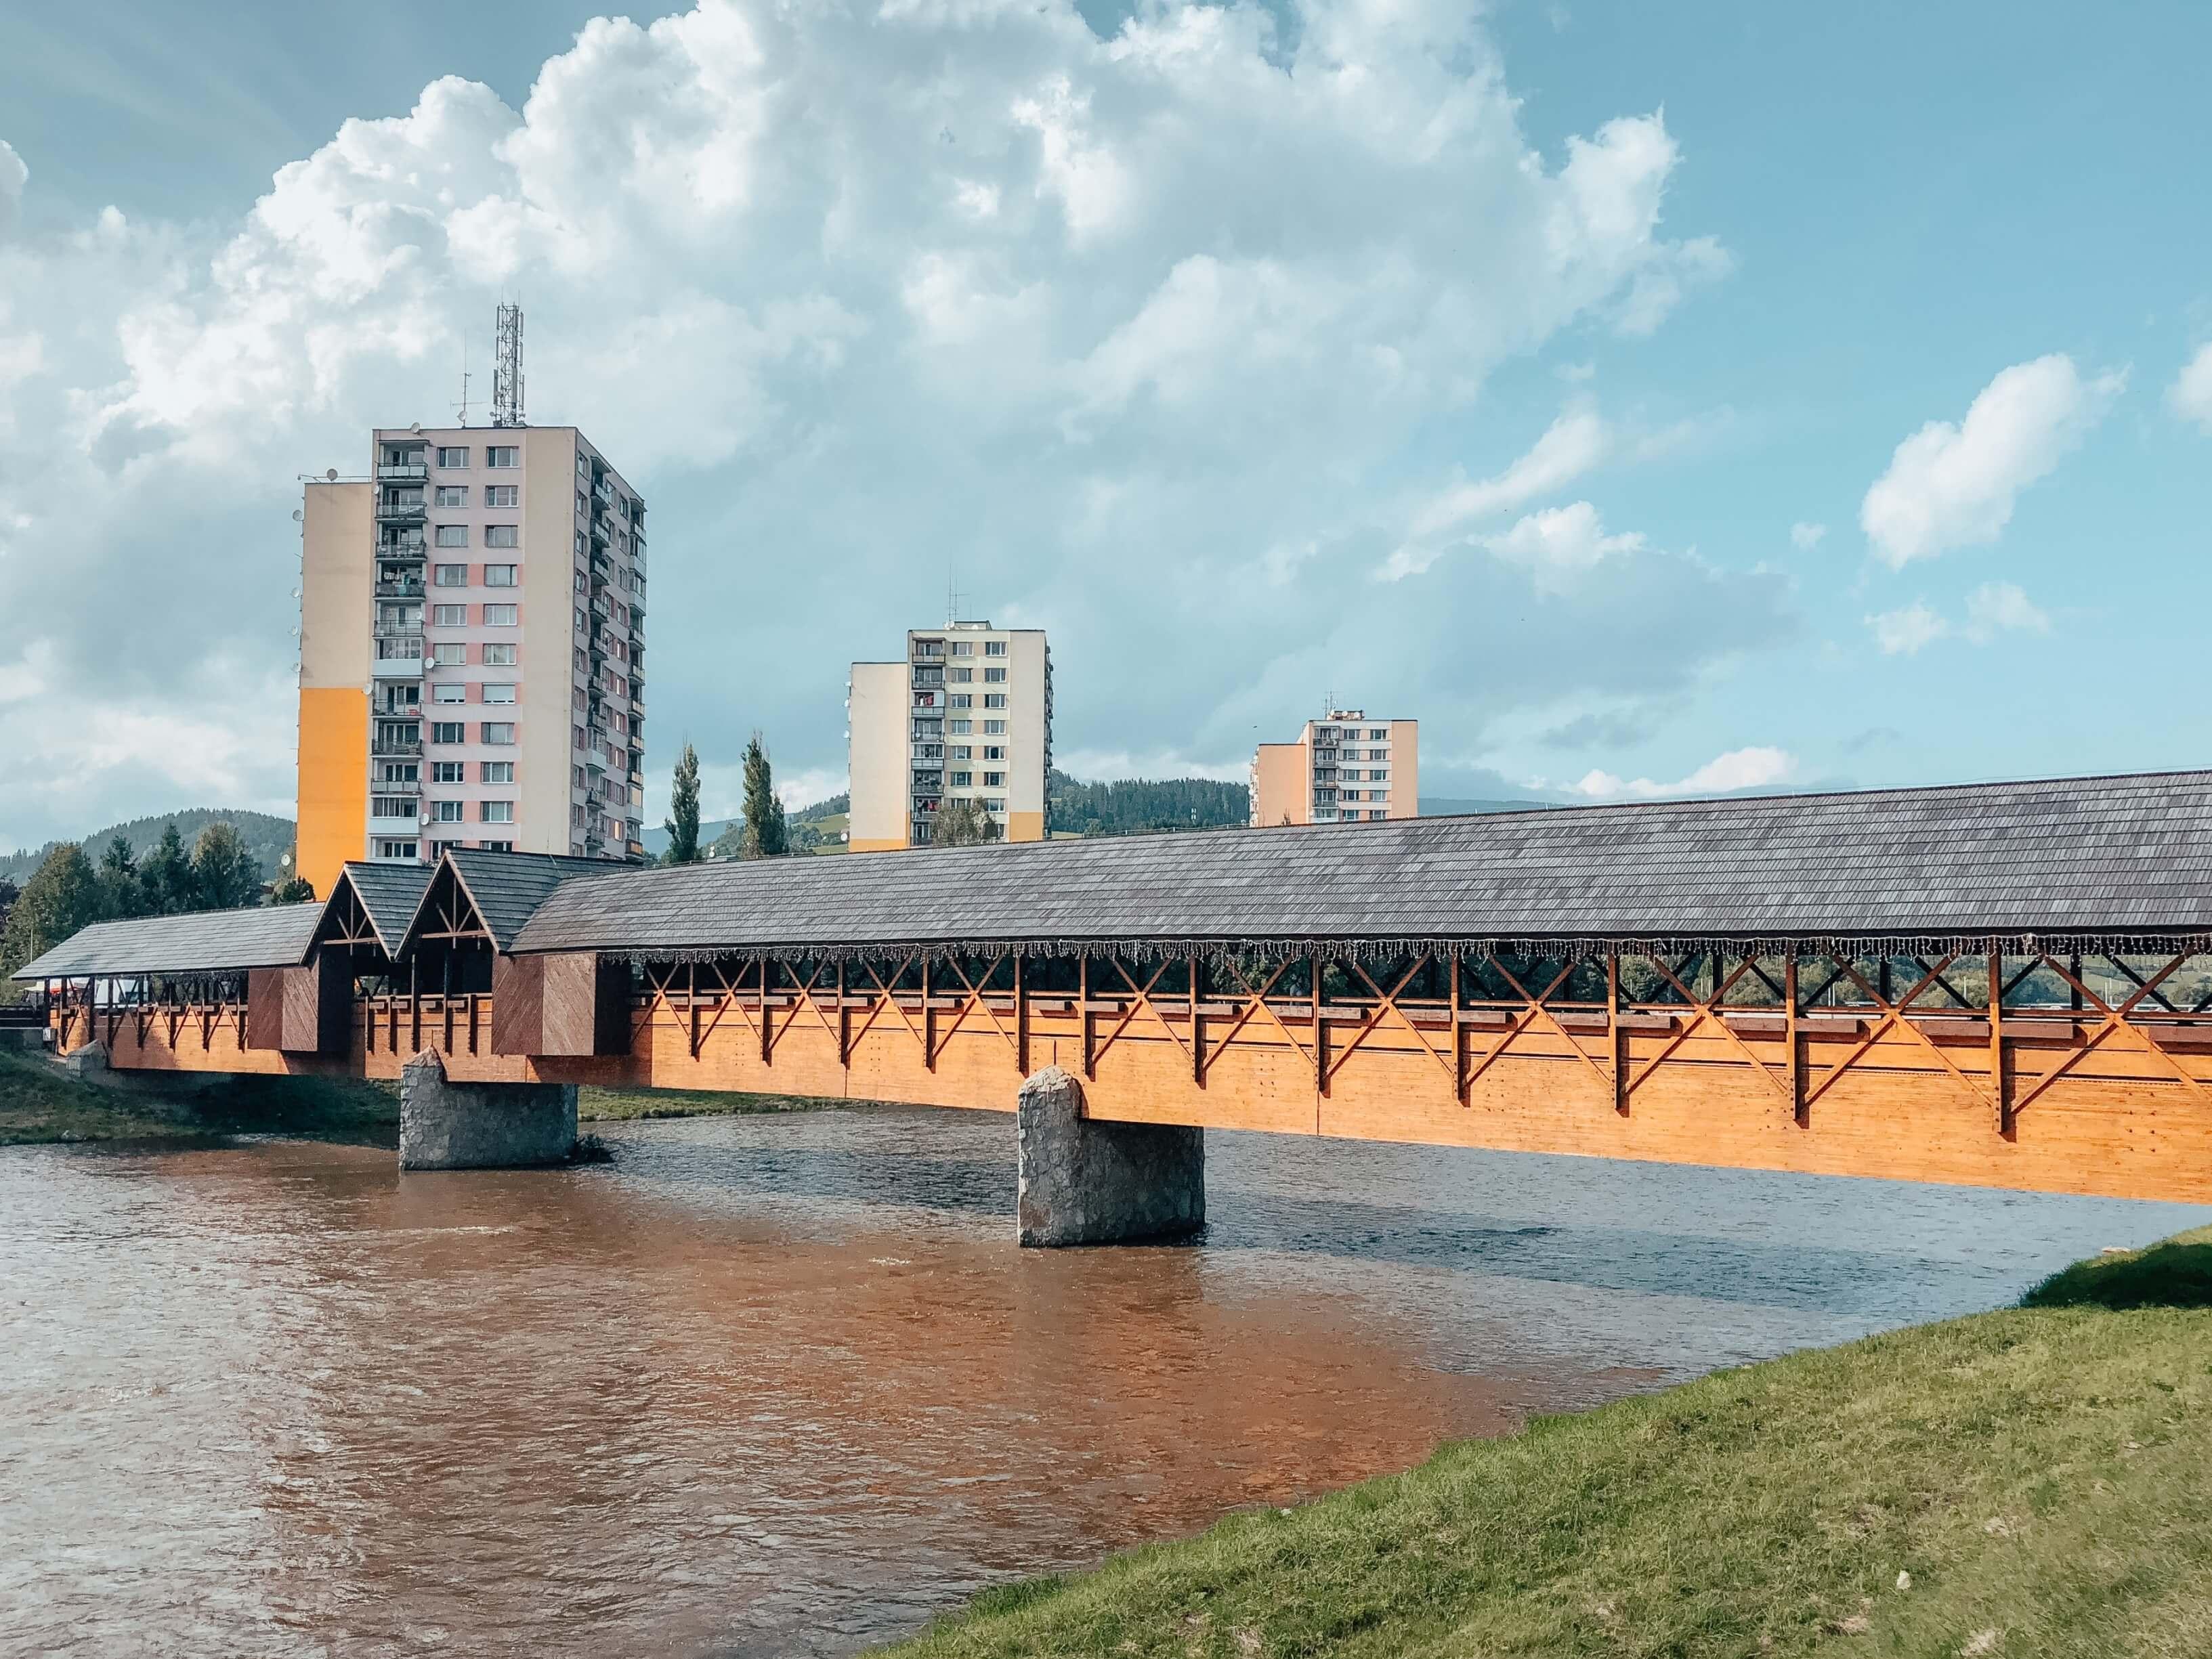 kolonádový most